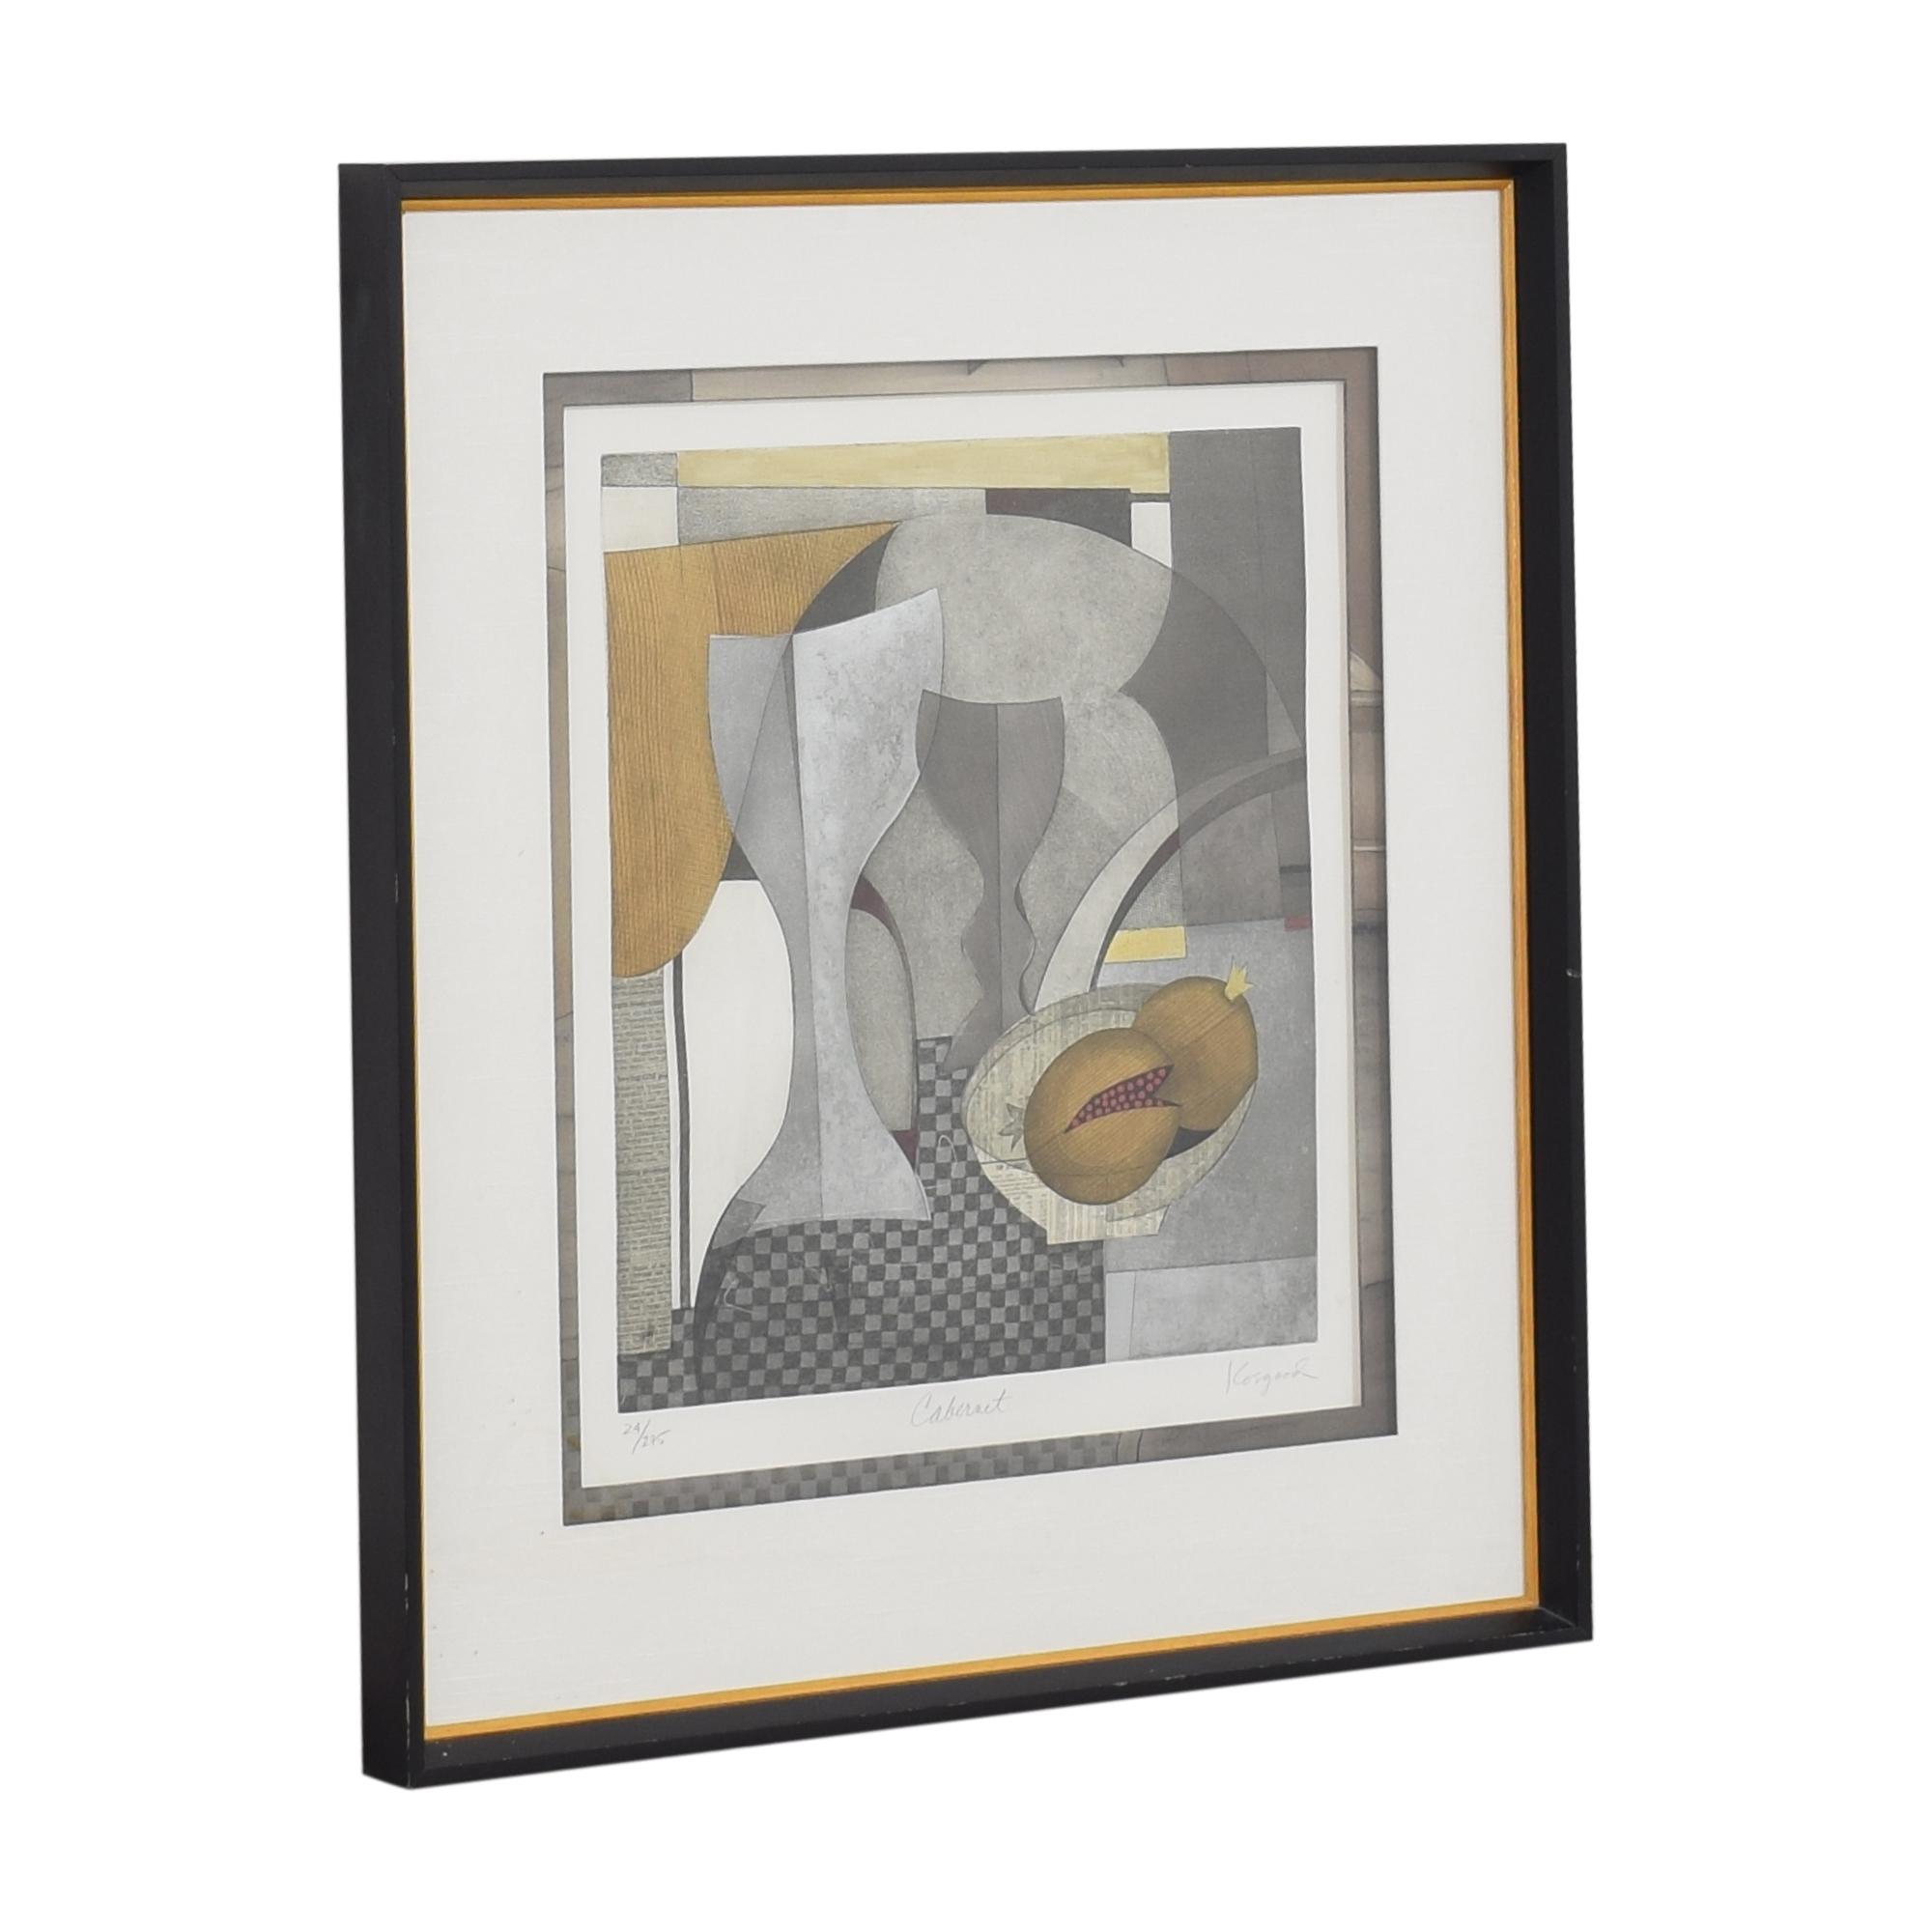 Ethan Allen Ethan Allen Framed Wall Art multi